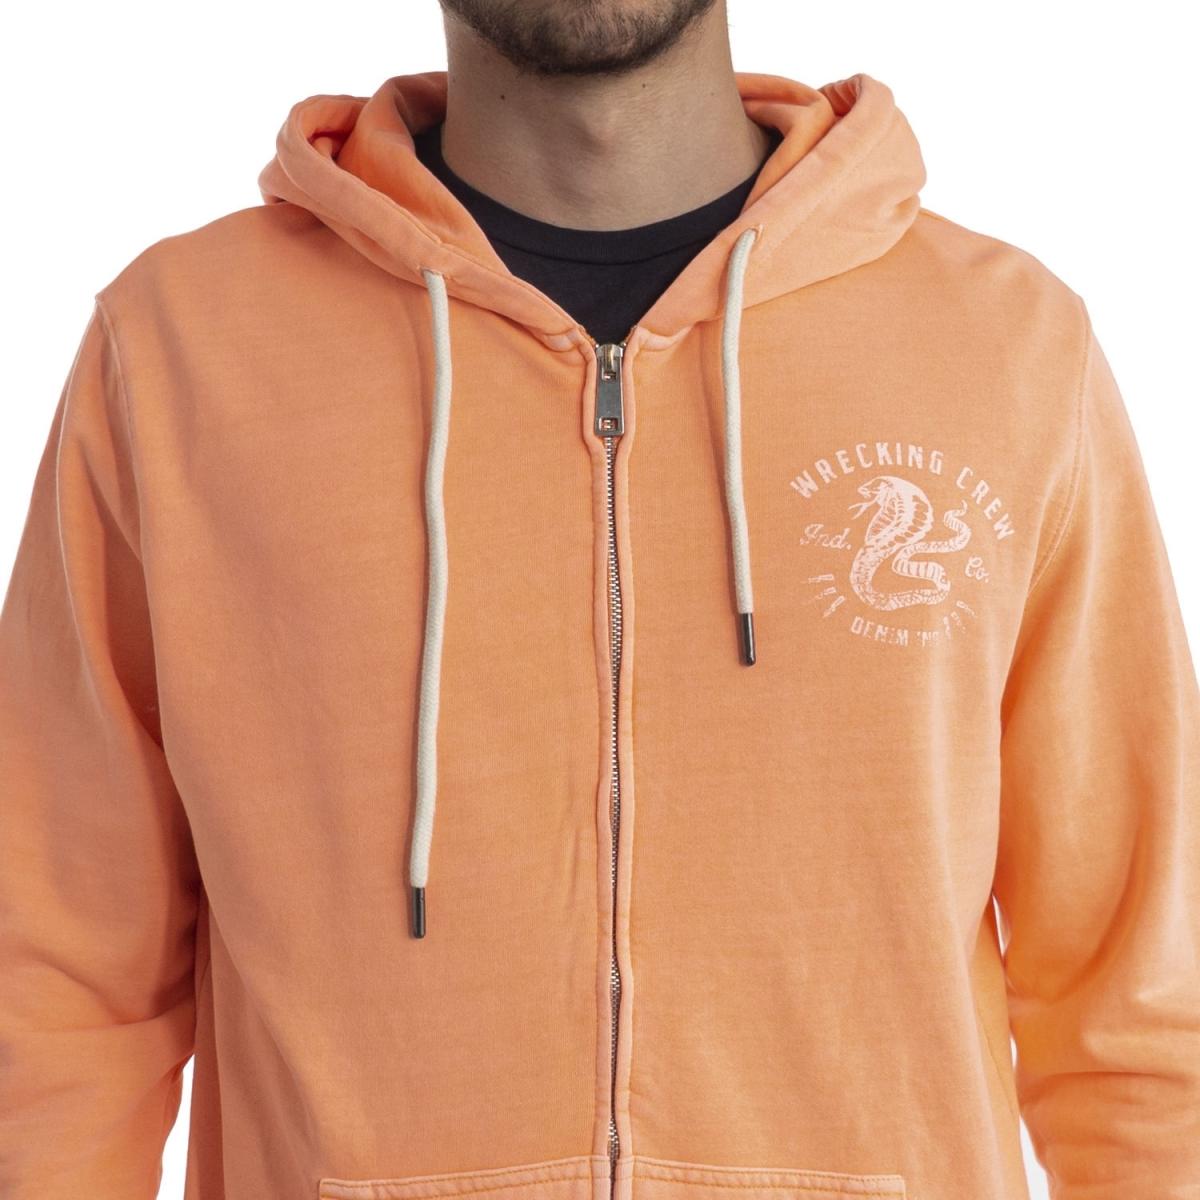 clothing Sweatshirts men Felpa con cappuccio LPLK947 LANDEK PARK Cafedelmar Shop